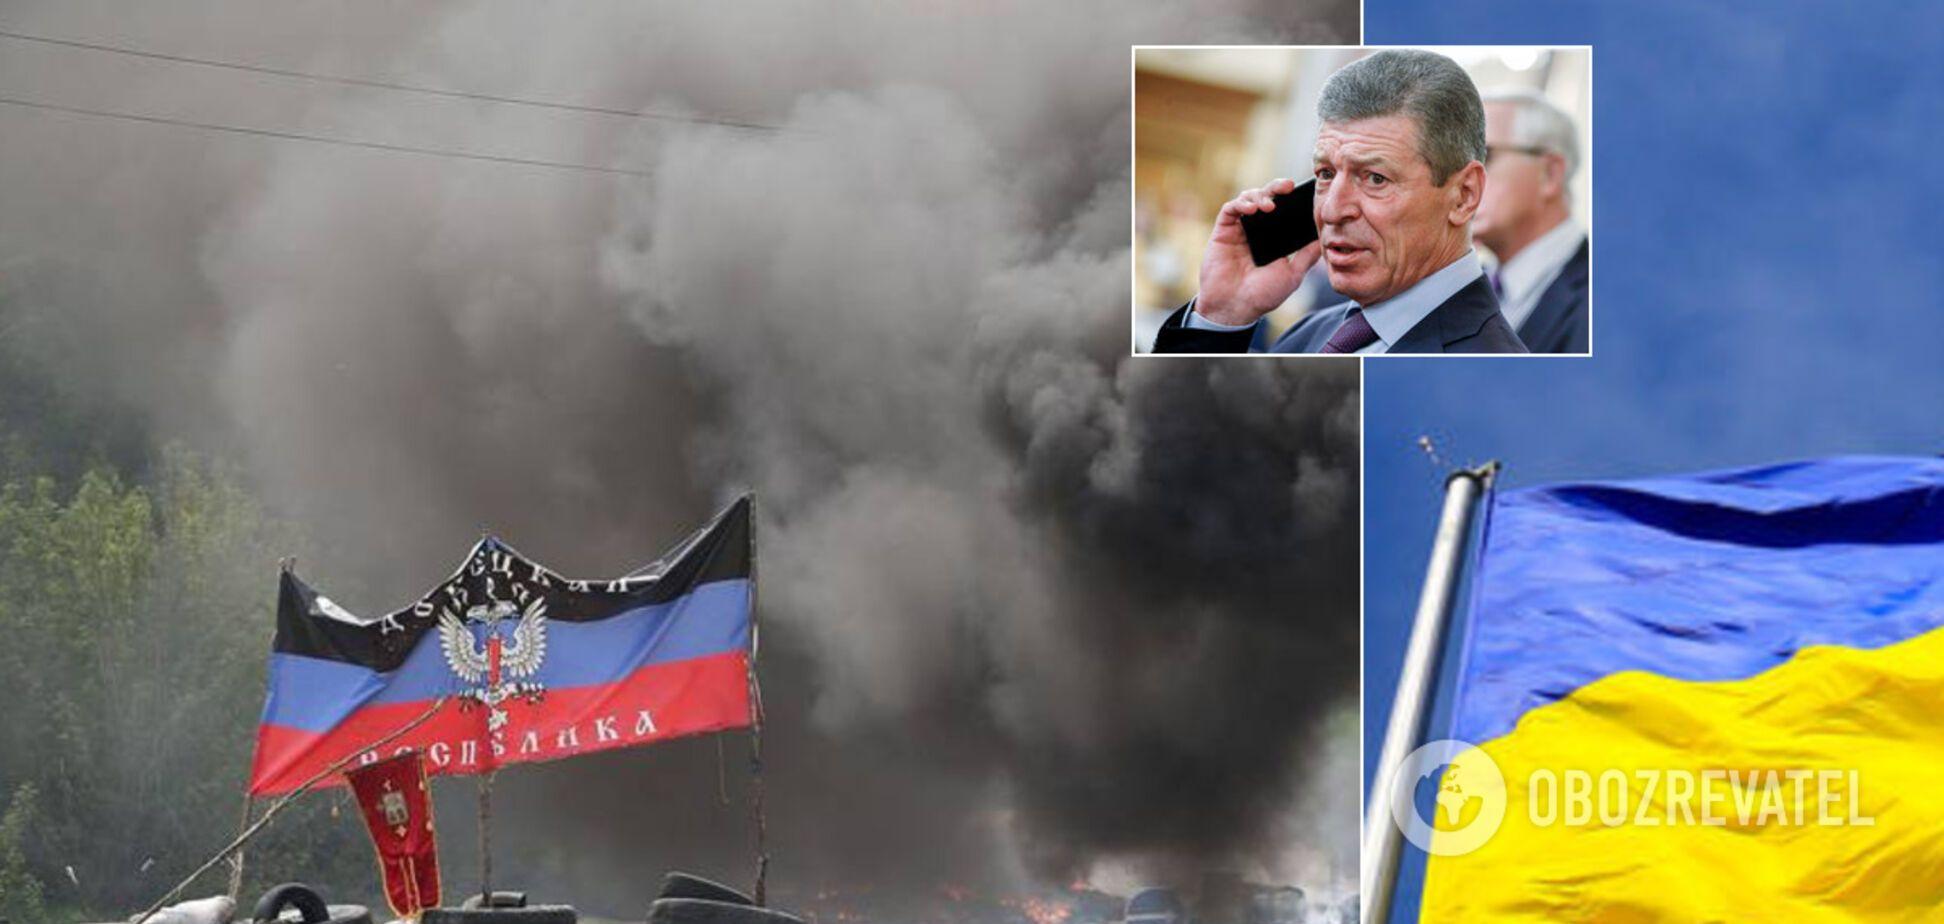 За спиною України відбулися переговори щодо Донбасу: що обговорювали в Берліні та чи варто боятися 'поступок' Росії